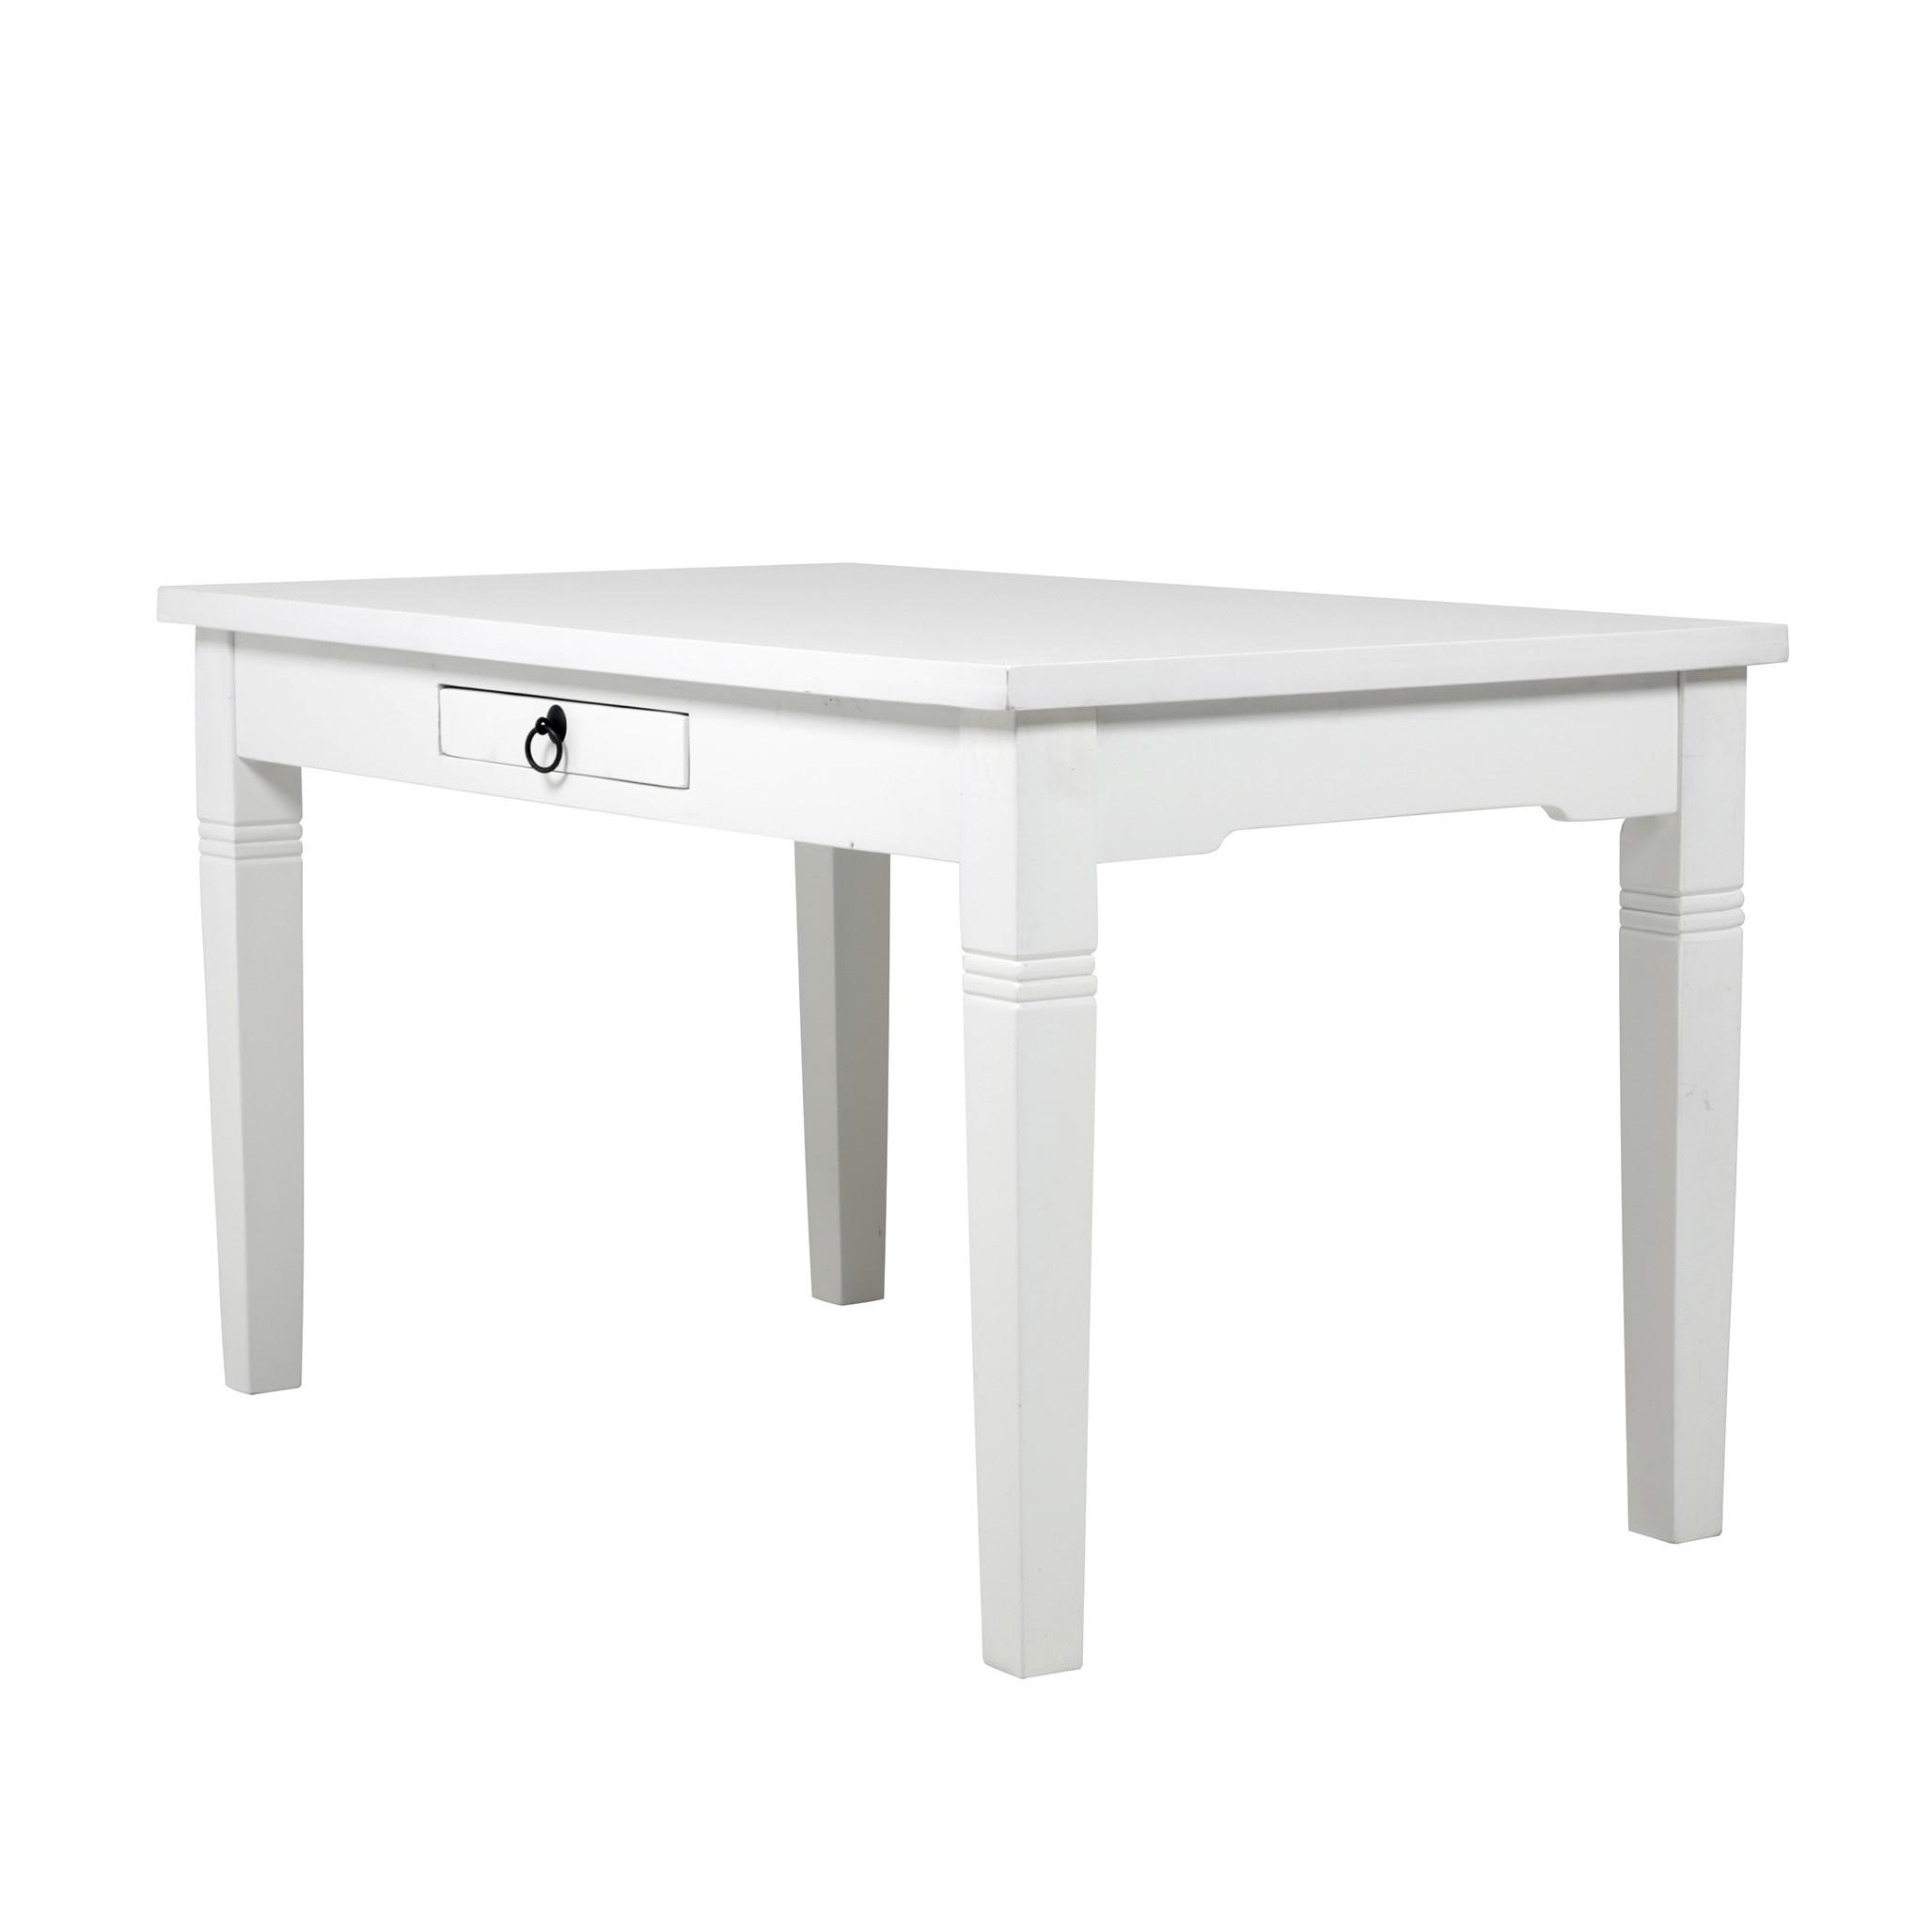 Madrid pöytä 135x80 cm valkoinen